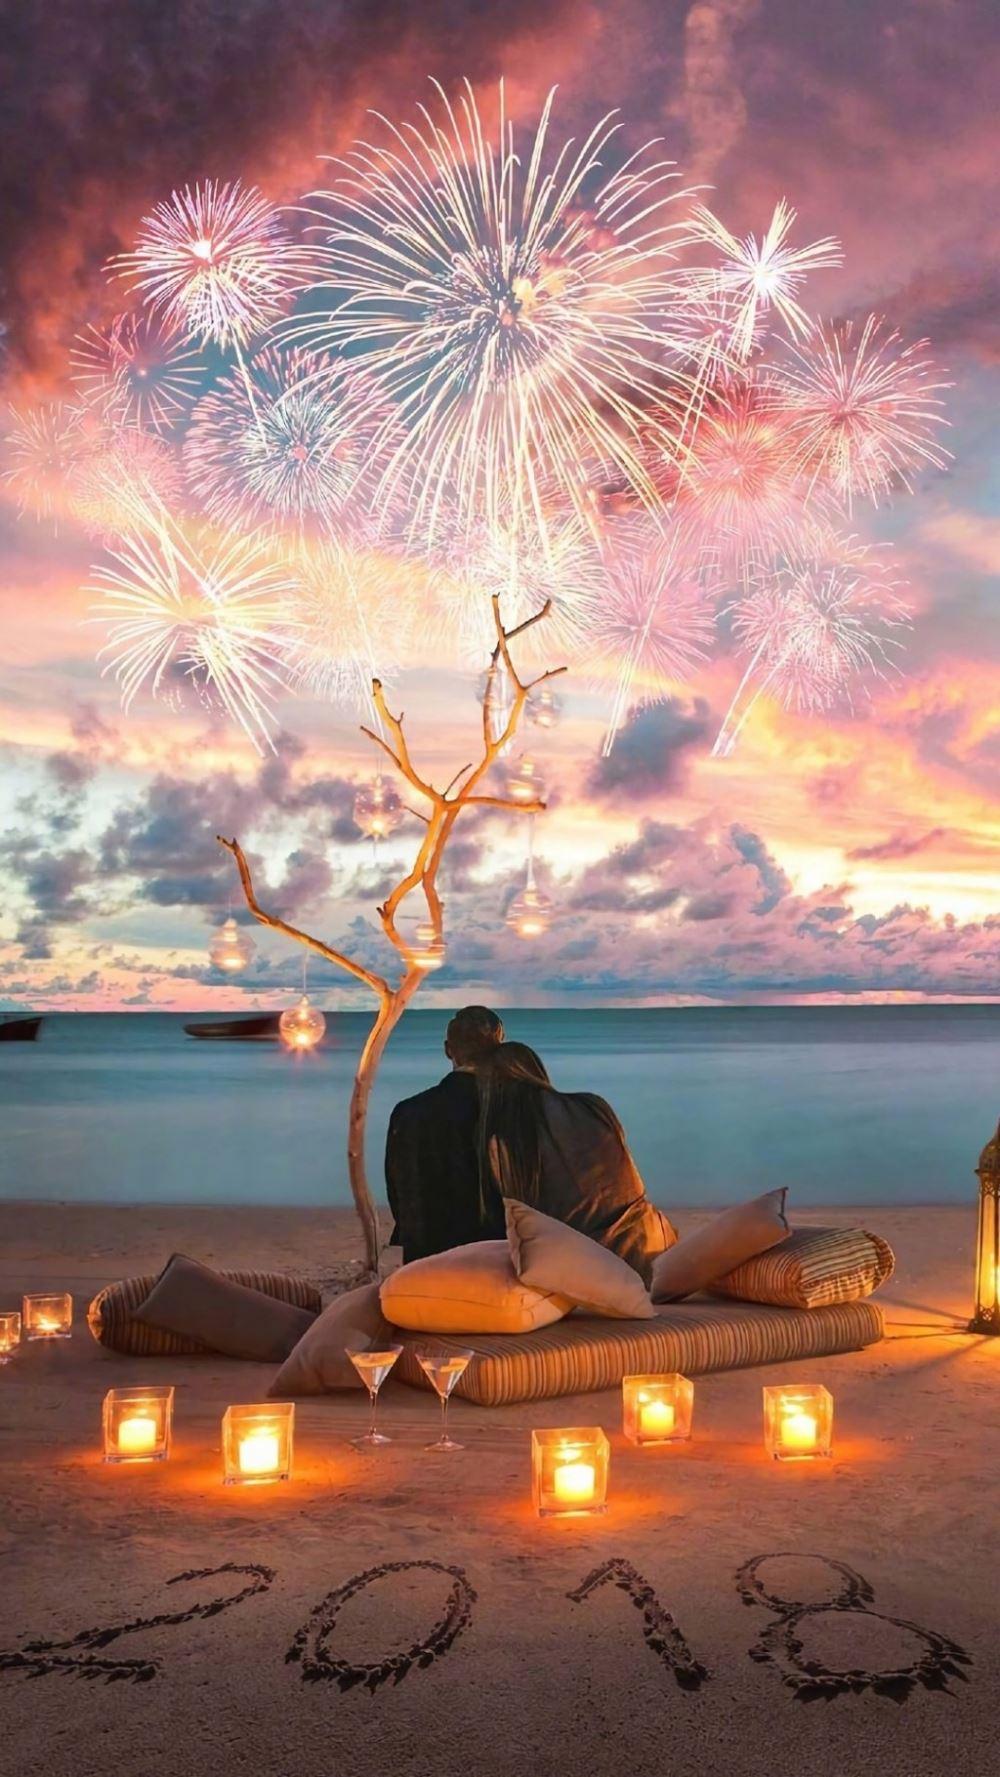 浪漫梦幻的各地风景-情侣唯美有意境图片